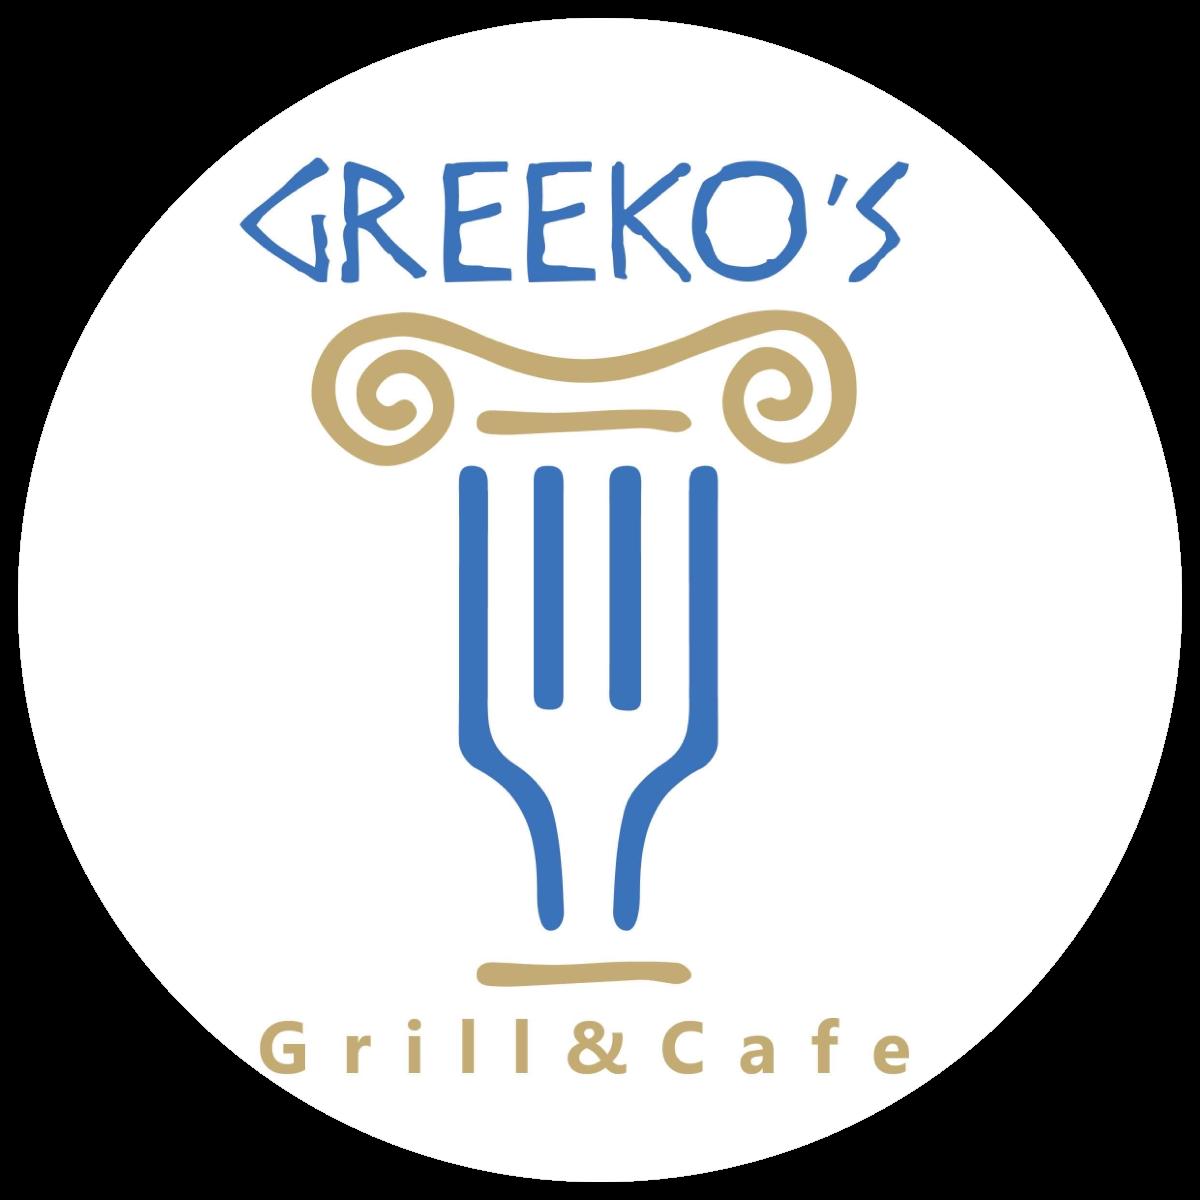 Greekos.PNG